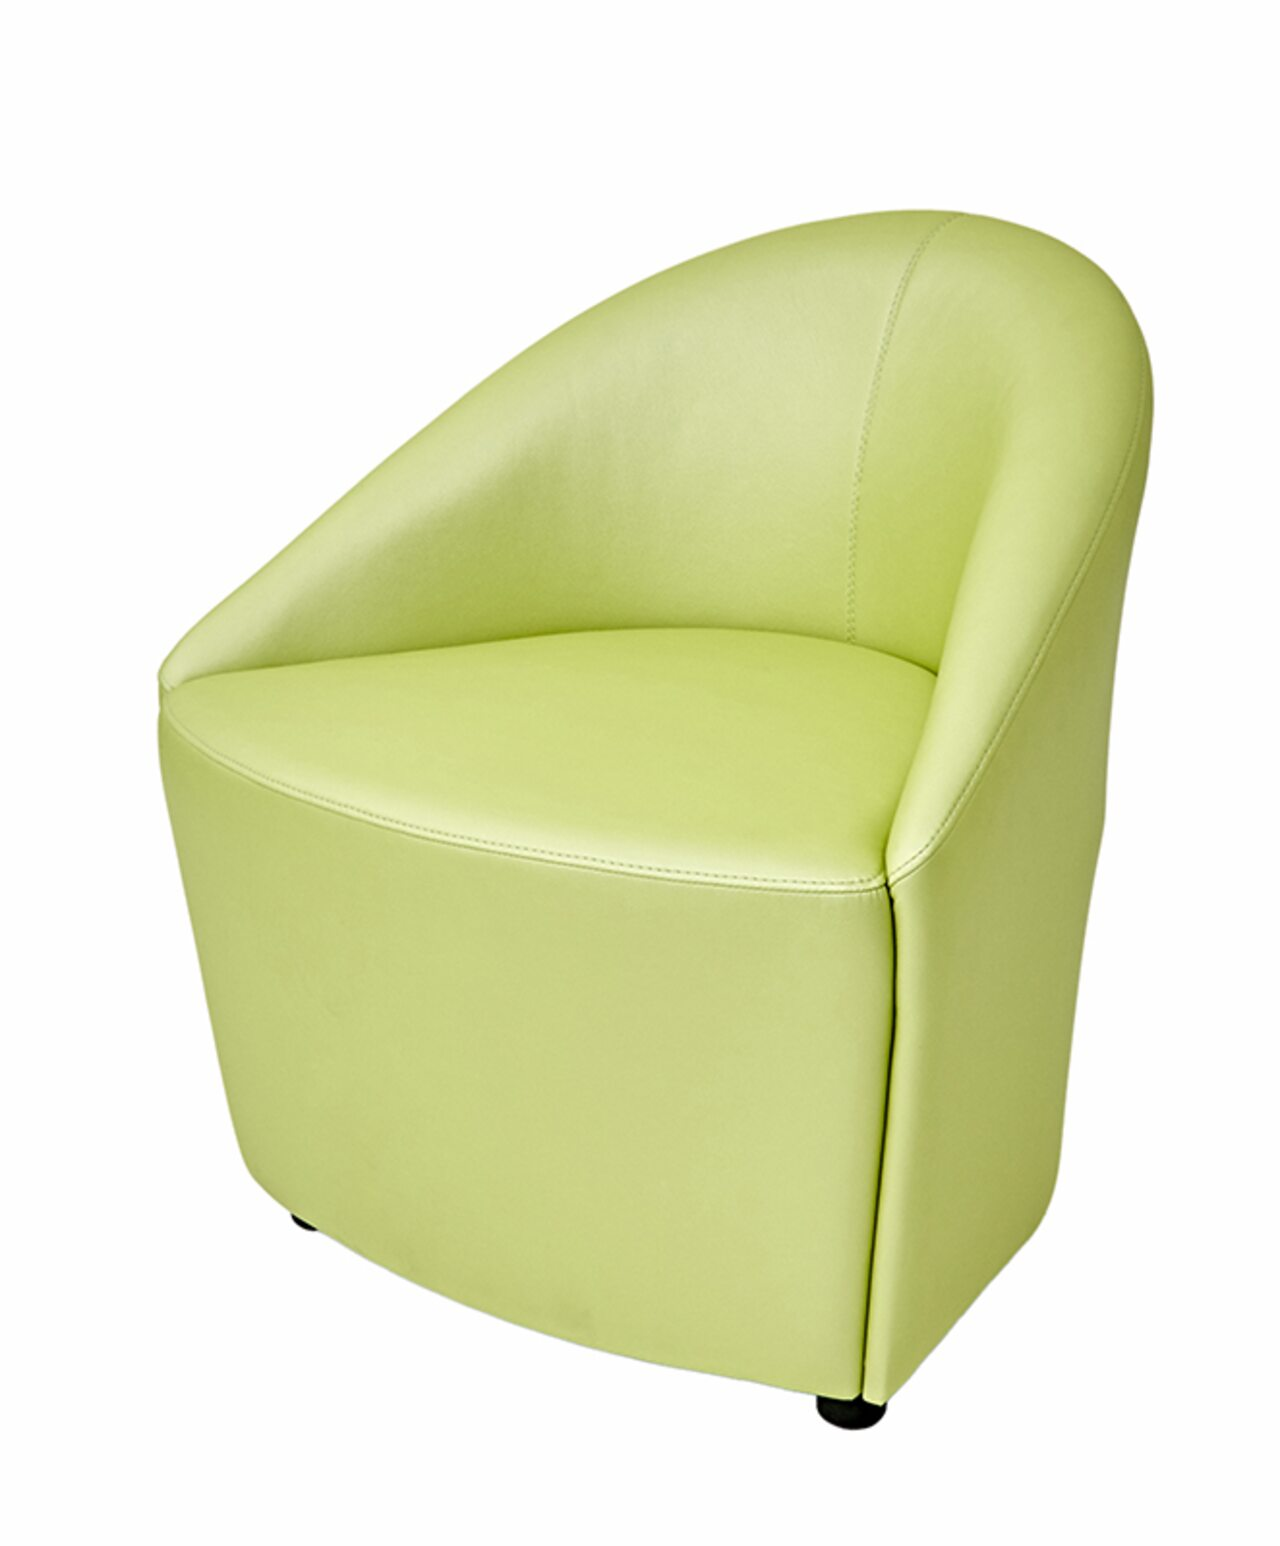 Мягкая офисная мебель 3D - фото 6